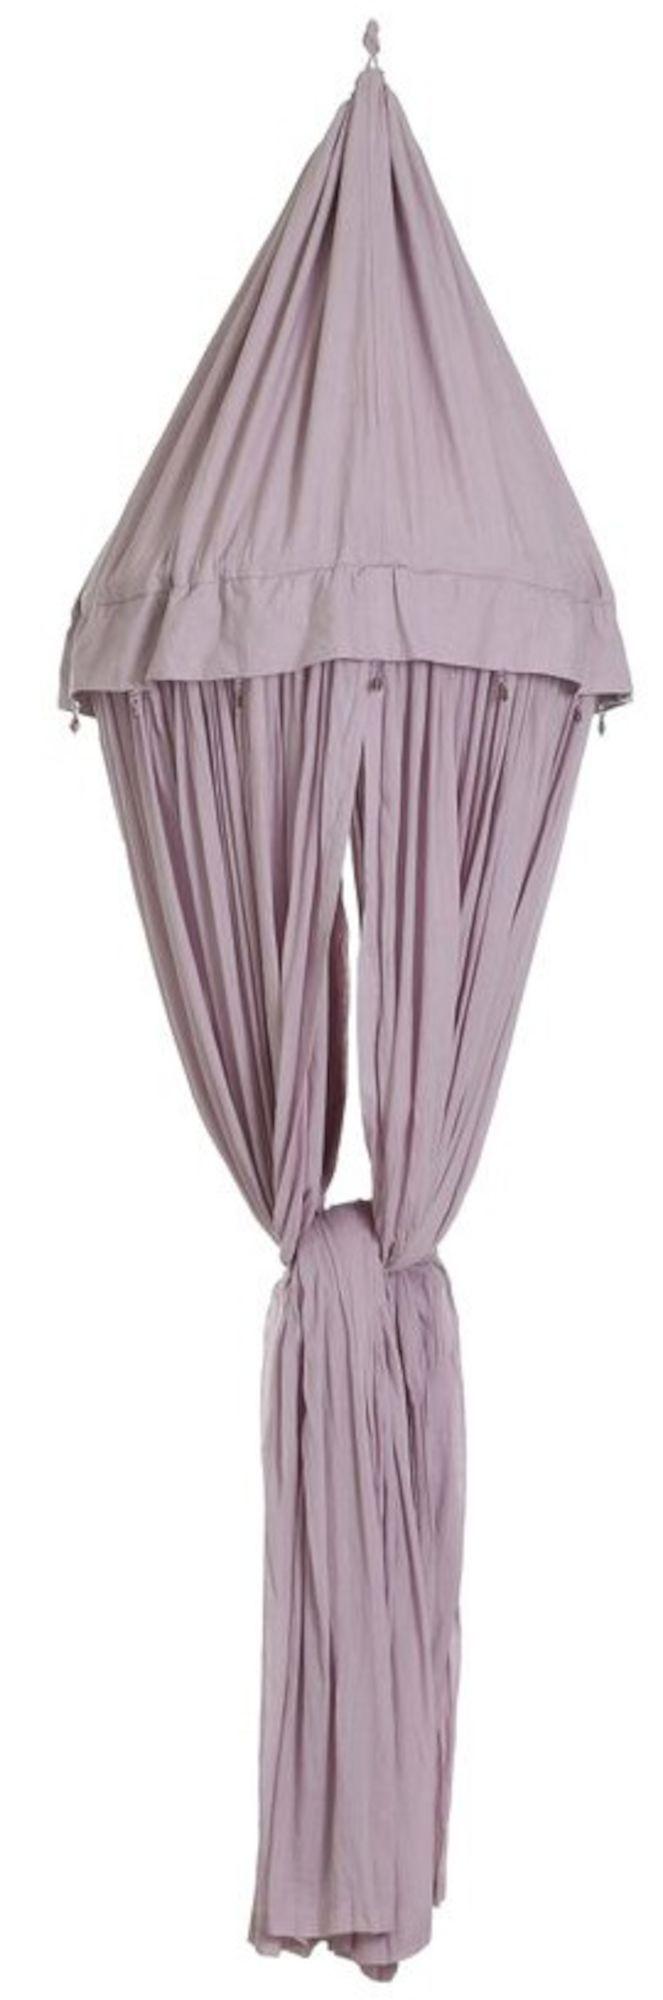 Funky Factory Sänghimmel, Lavendel Grey är en härlig sänghimmel som är 2 meter hög. Placera sänghimmelen över sängen för att skapa en mysig atmosfär. Tyget på ovandelen är i 100 % bomull och resterande tyg är tillverkat av hållbart linne som ger sänghimmelen ett fint fall (totalt 20 meter tyg). Ovandelen är dekorerad med vackra glaspärlor. Tyget är fastsatt på en ram av bambu och är avtagbart för att kunna tvättas i tvättmaskinen (40 grader). Skyddar även mot insekter. <br><br>-Fä...